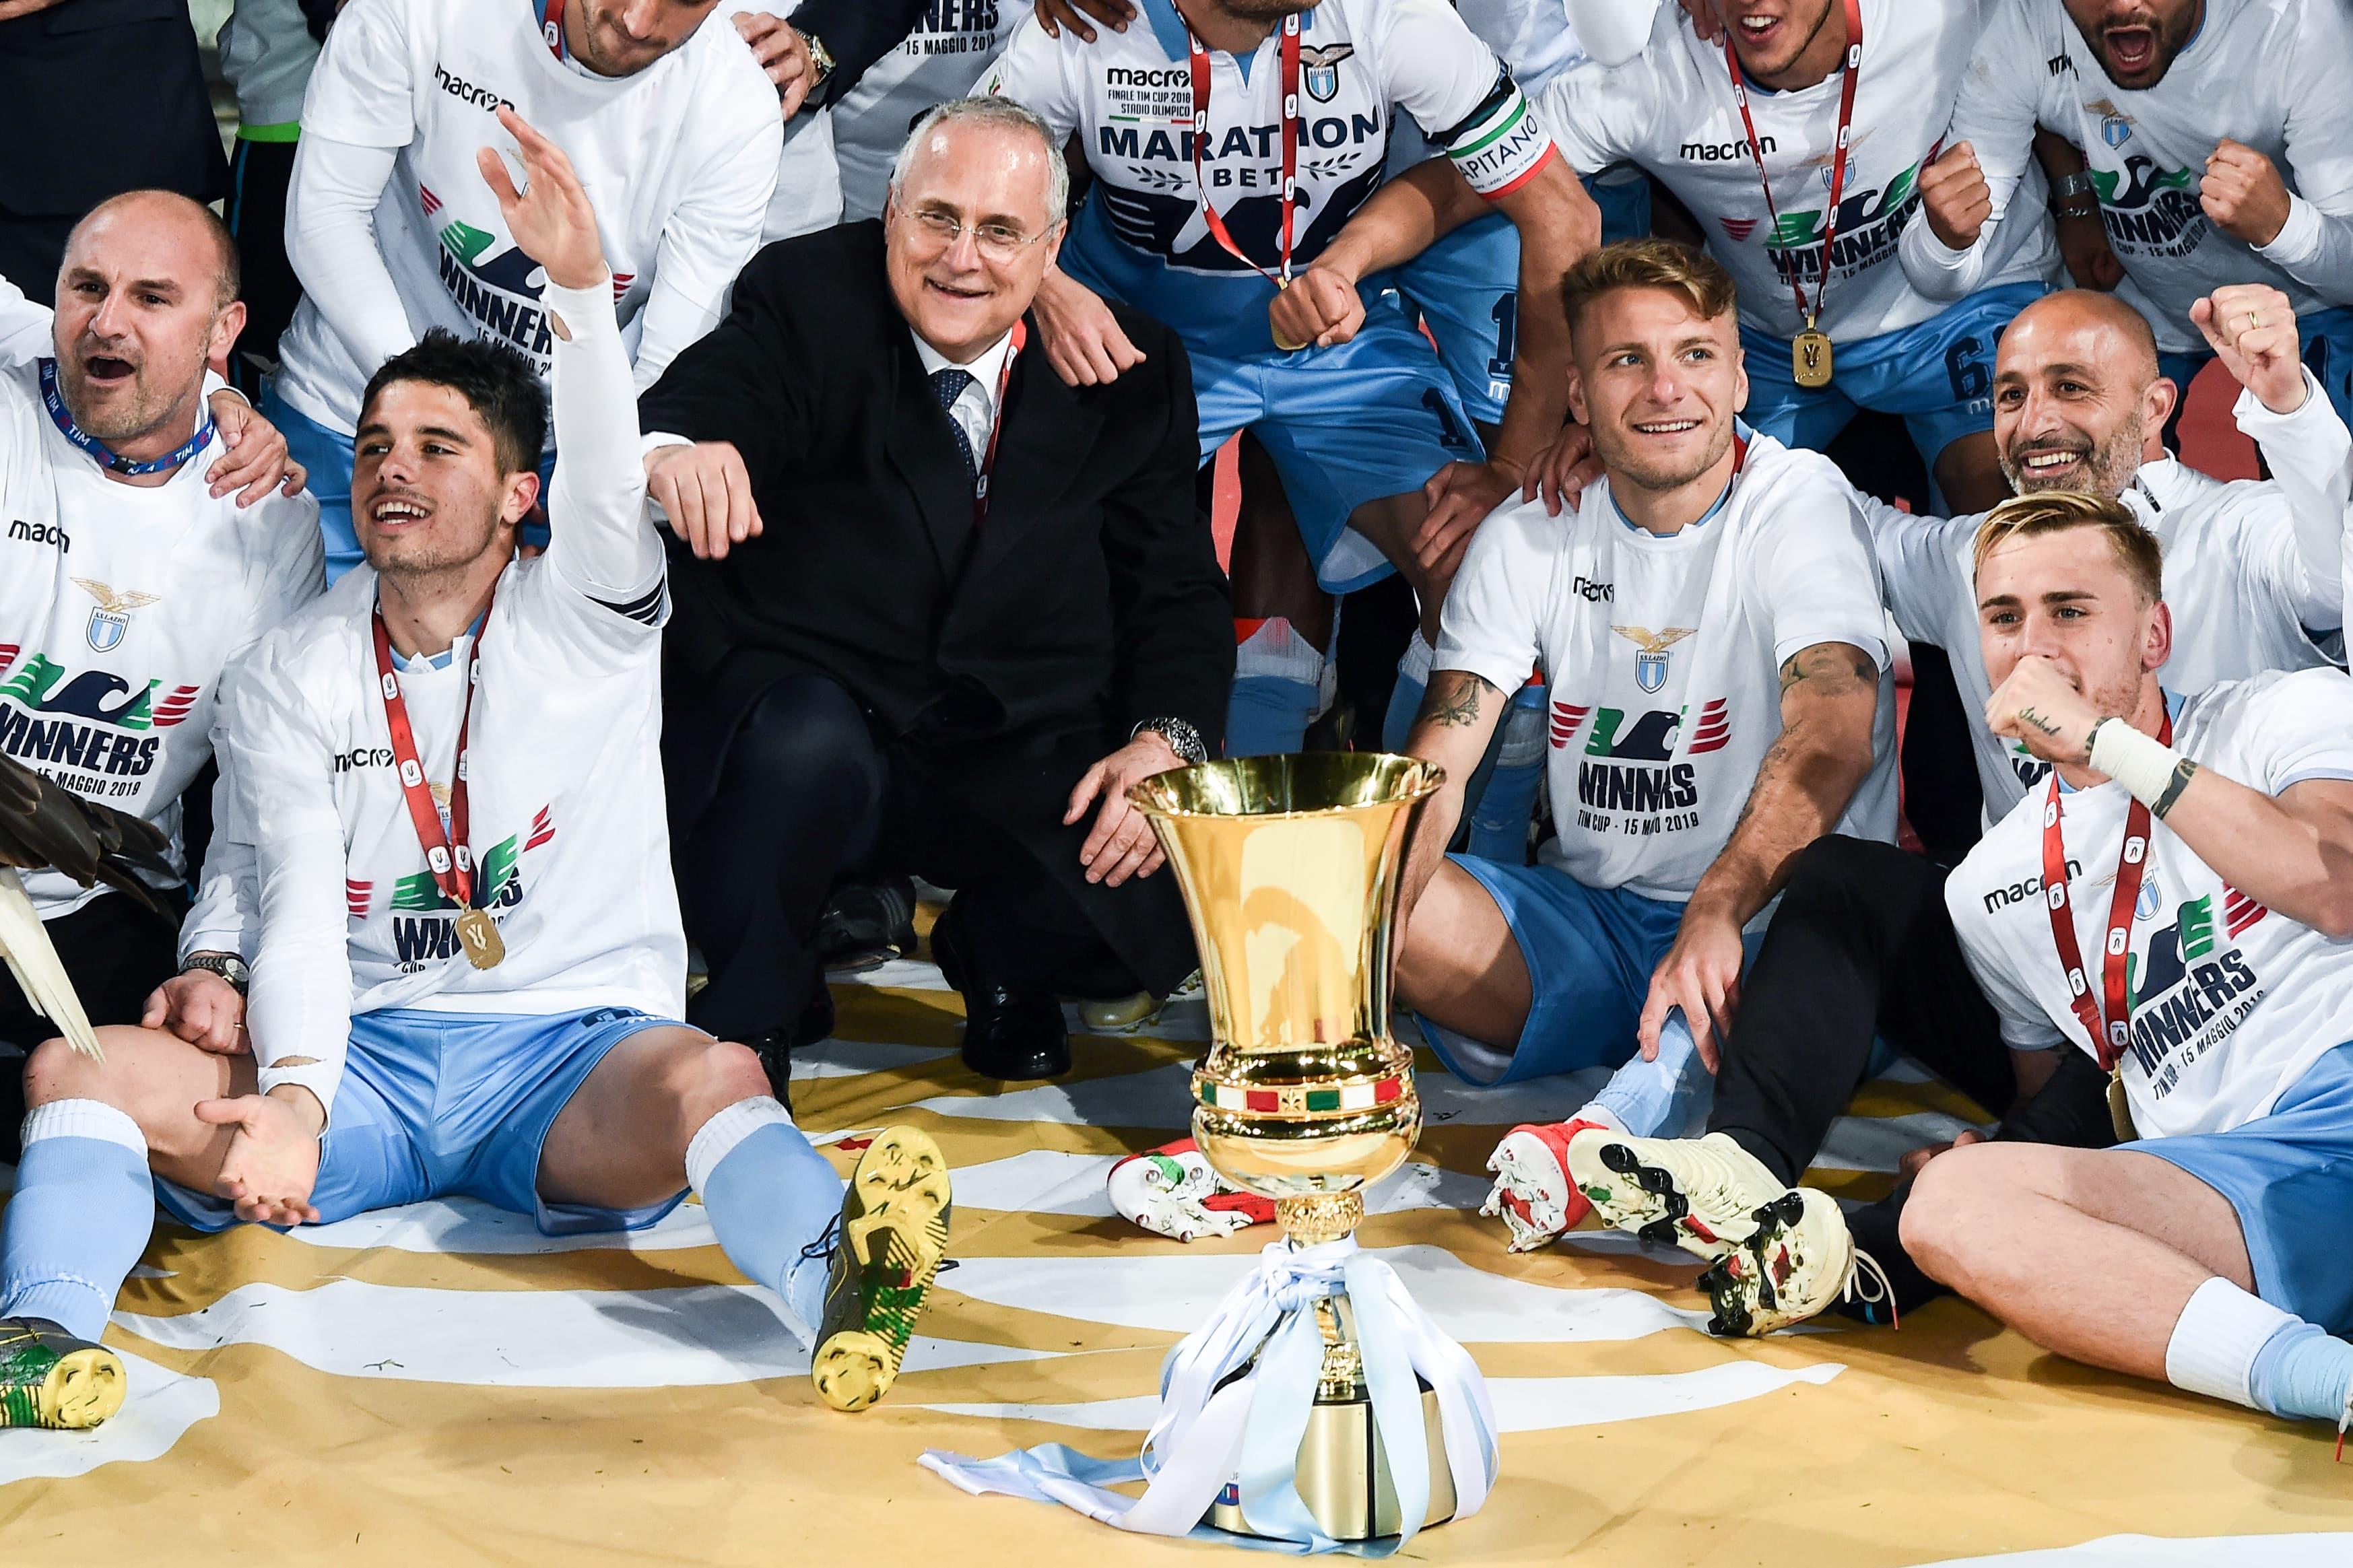 Calendario Coppa Italia 2020 18.Calendario Tabellone Coppa Italia 2019 2020 Accoppiamenti E